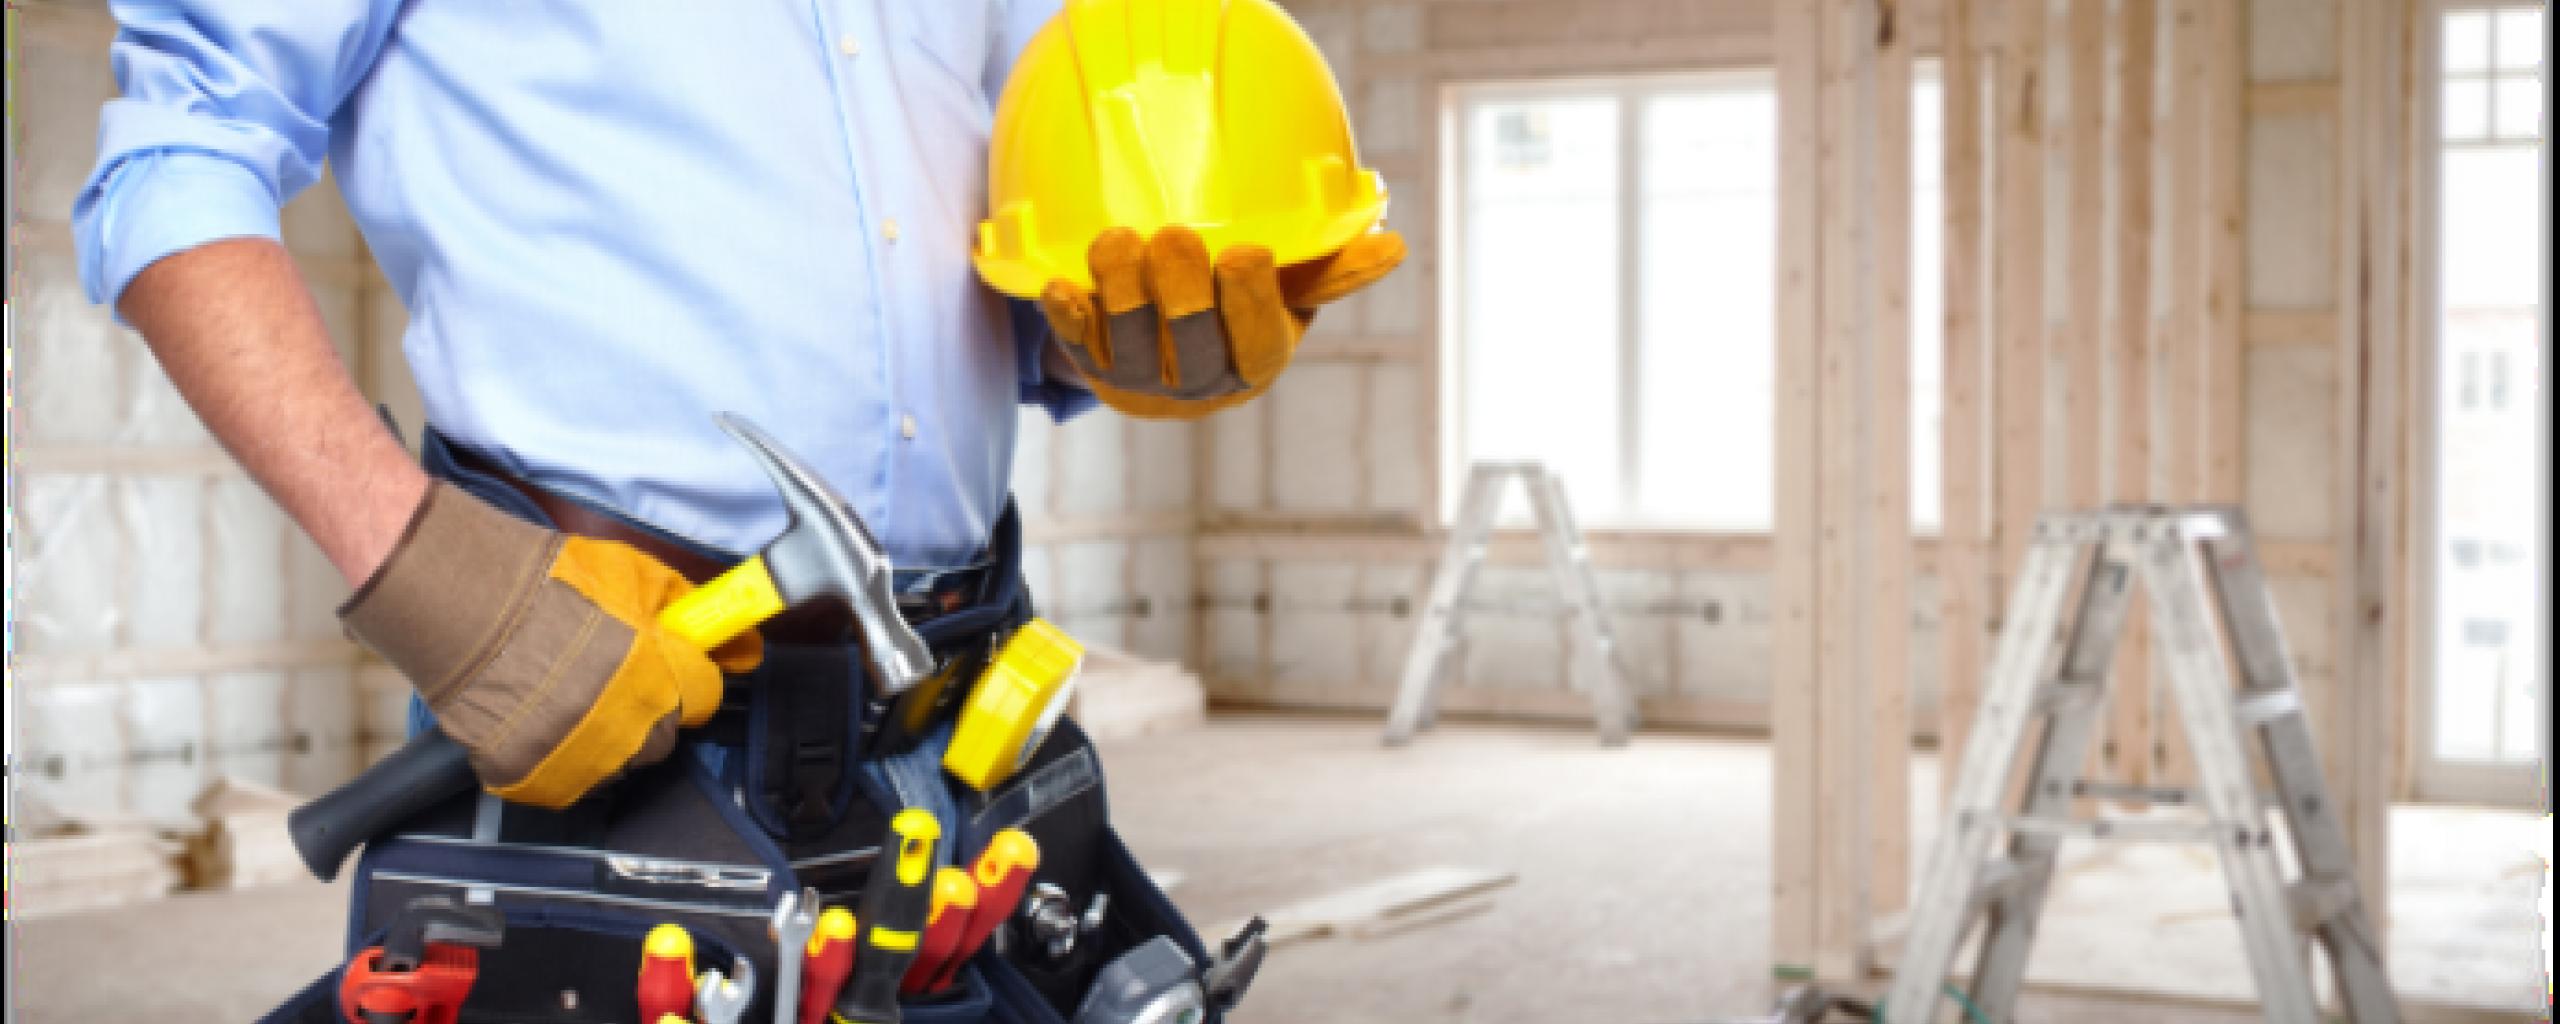 Construction worker, framed building